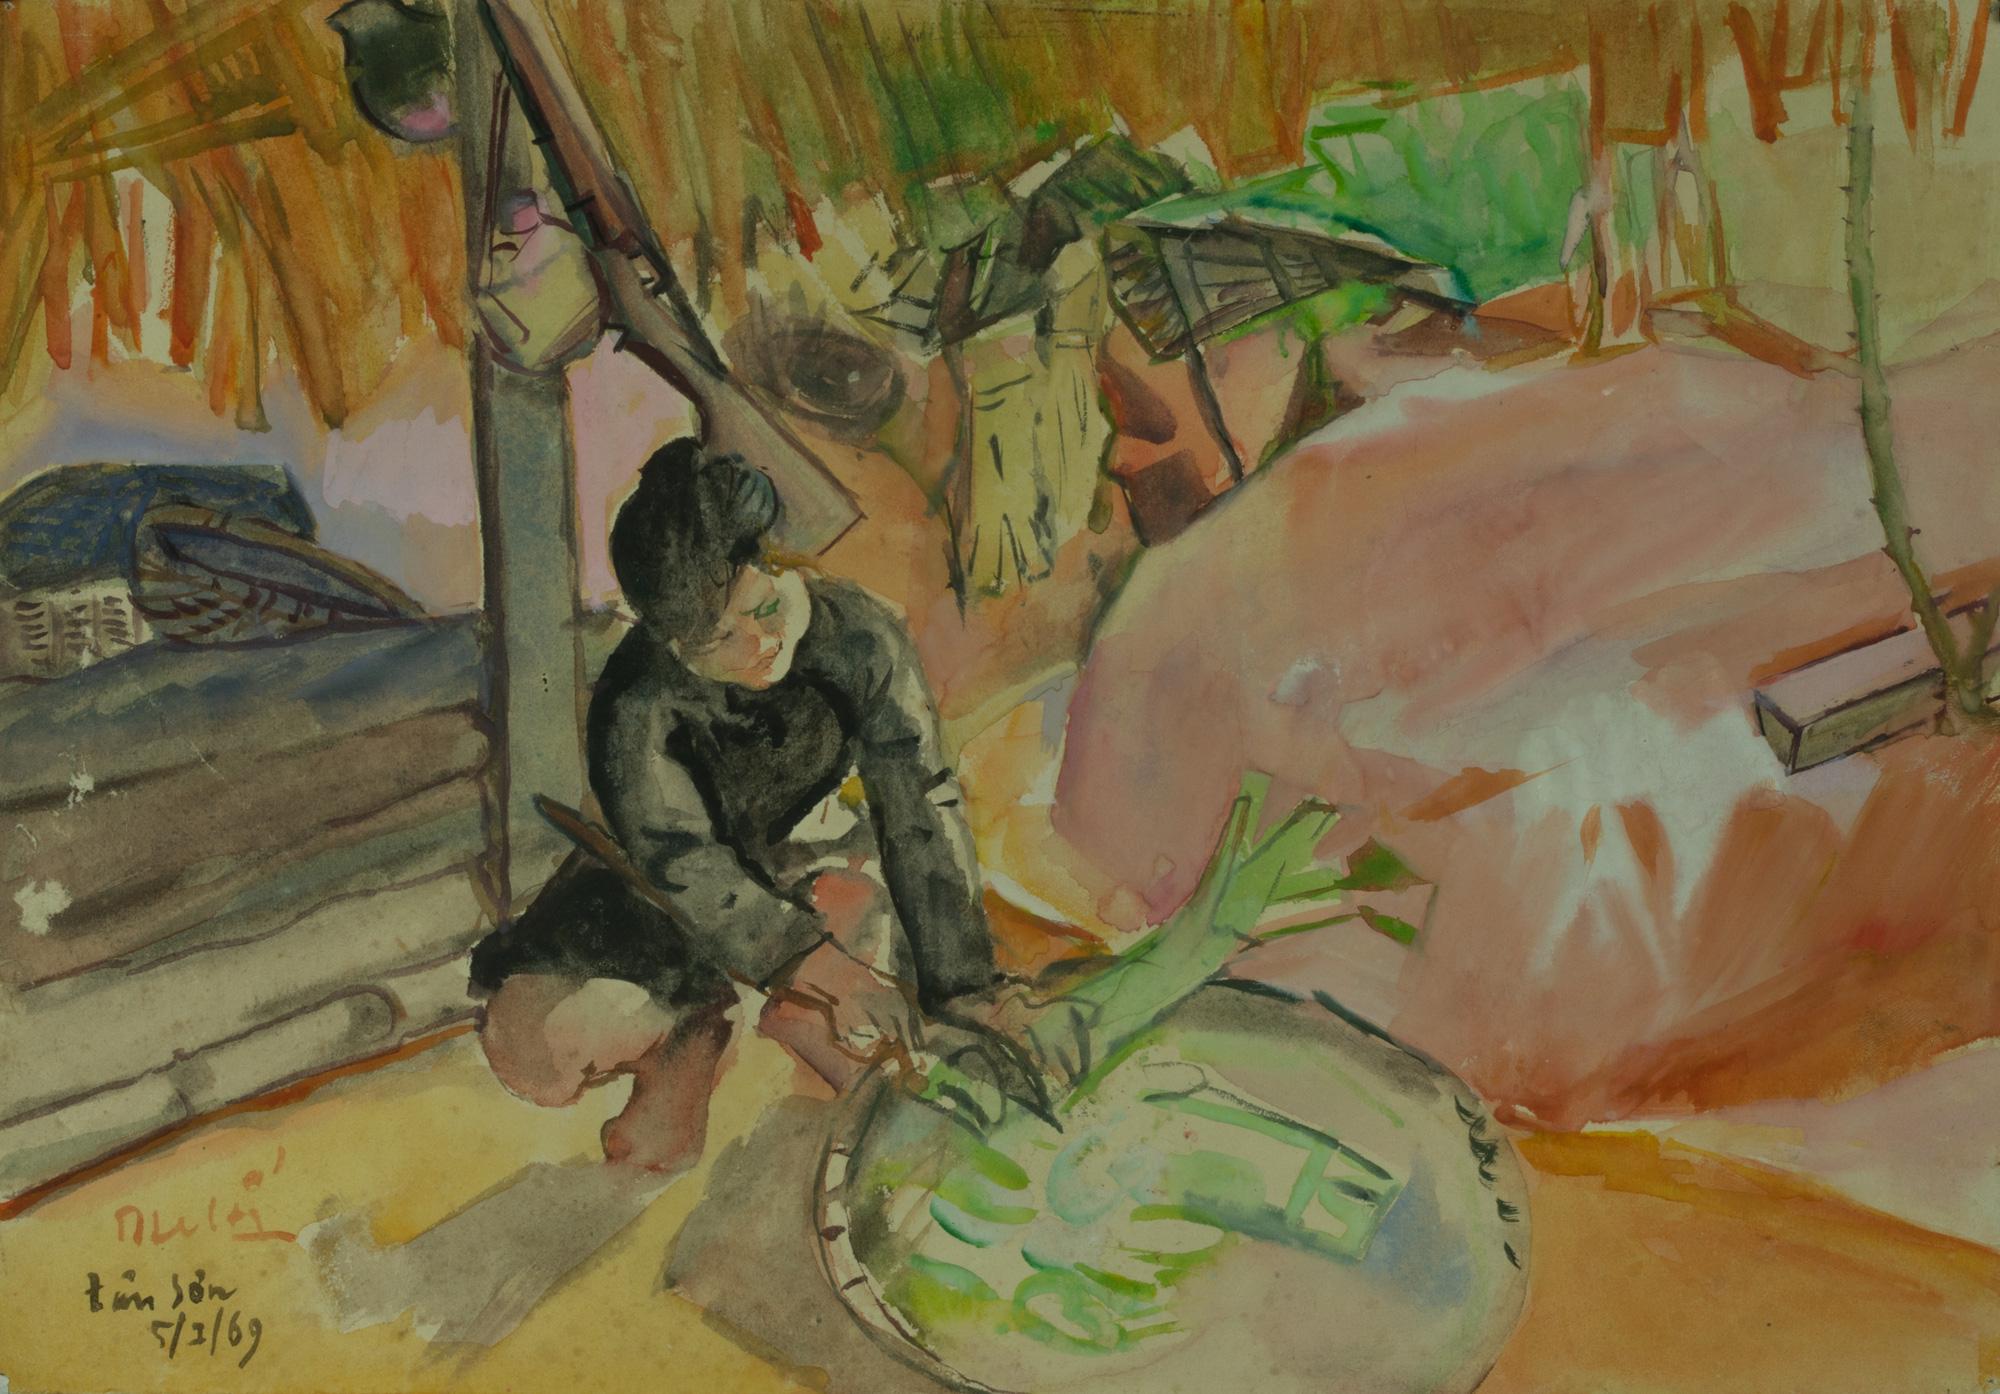 """Khai mạc trực tuyến triển lãm """"Chăn nuôi dưới góc nhìn nghệ thuật"""" - Ảnh 3."""